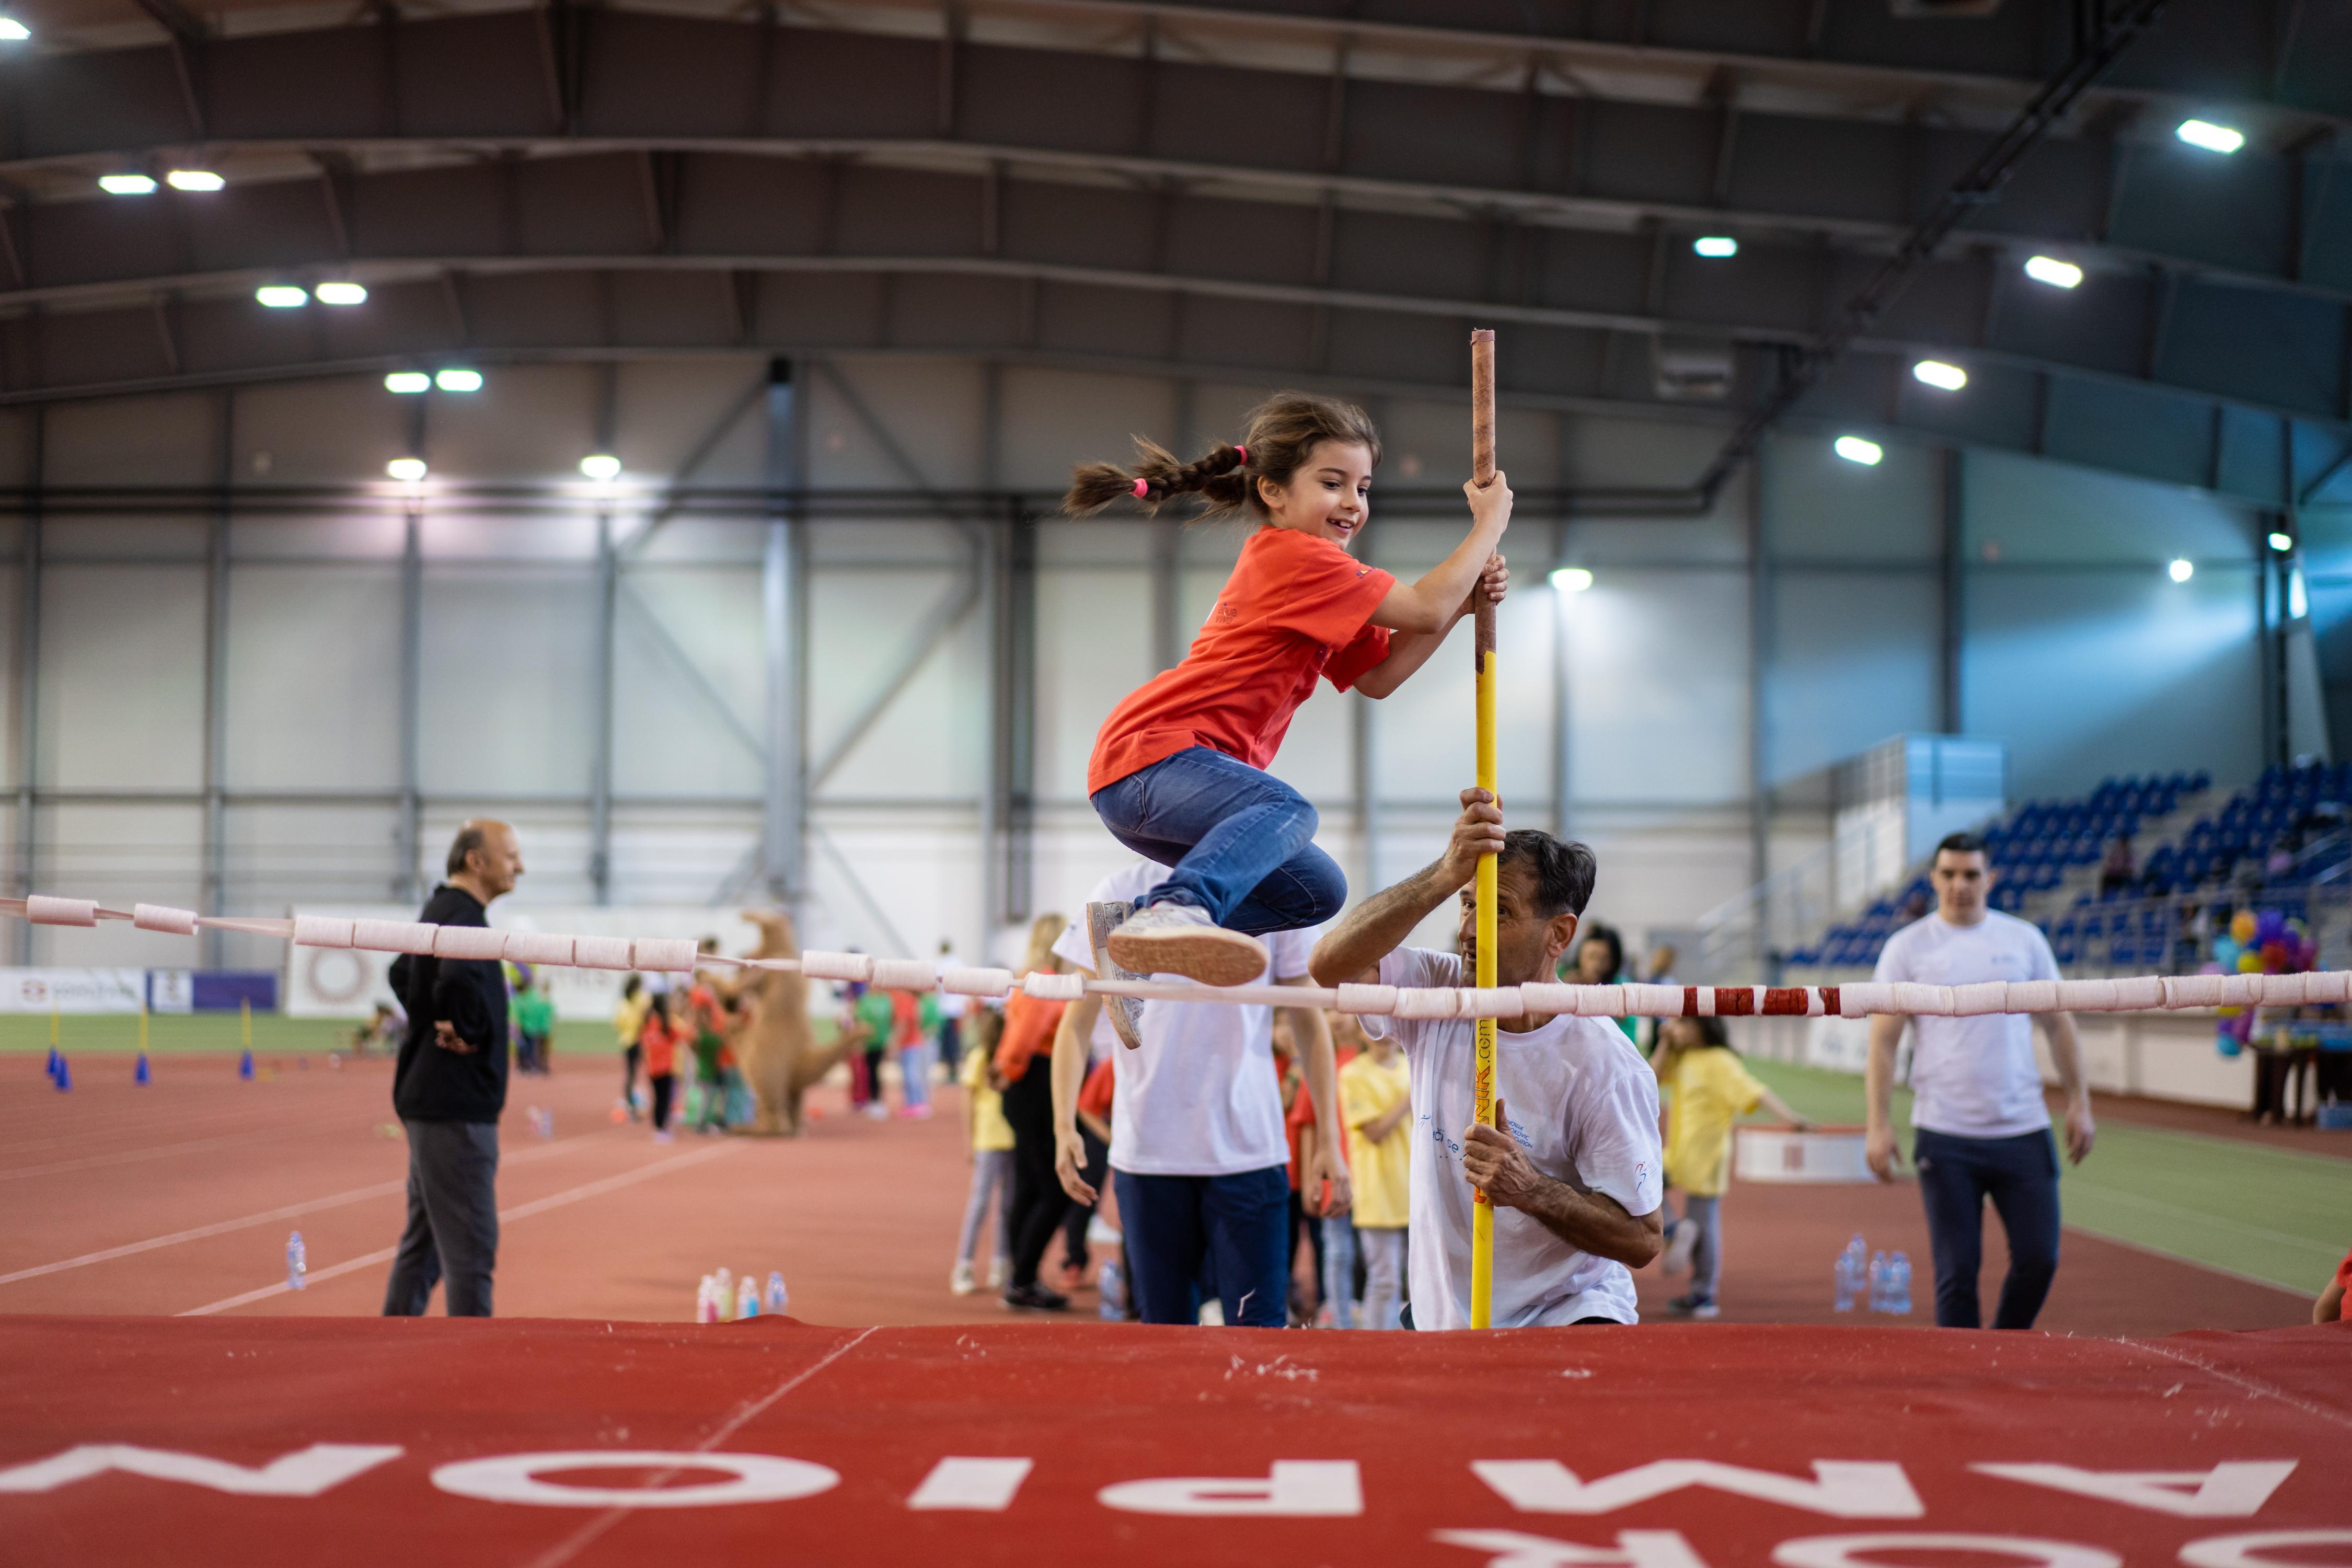 Individualni sportisti u kasnijem životu odrastaju u osobe koje su savesne, koje cene autonomiju i koje su spremne da preuzmu odgovornost.